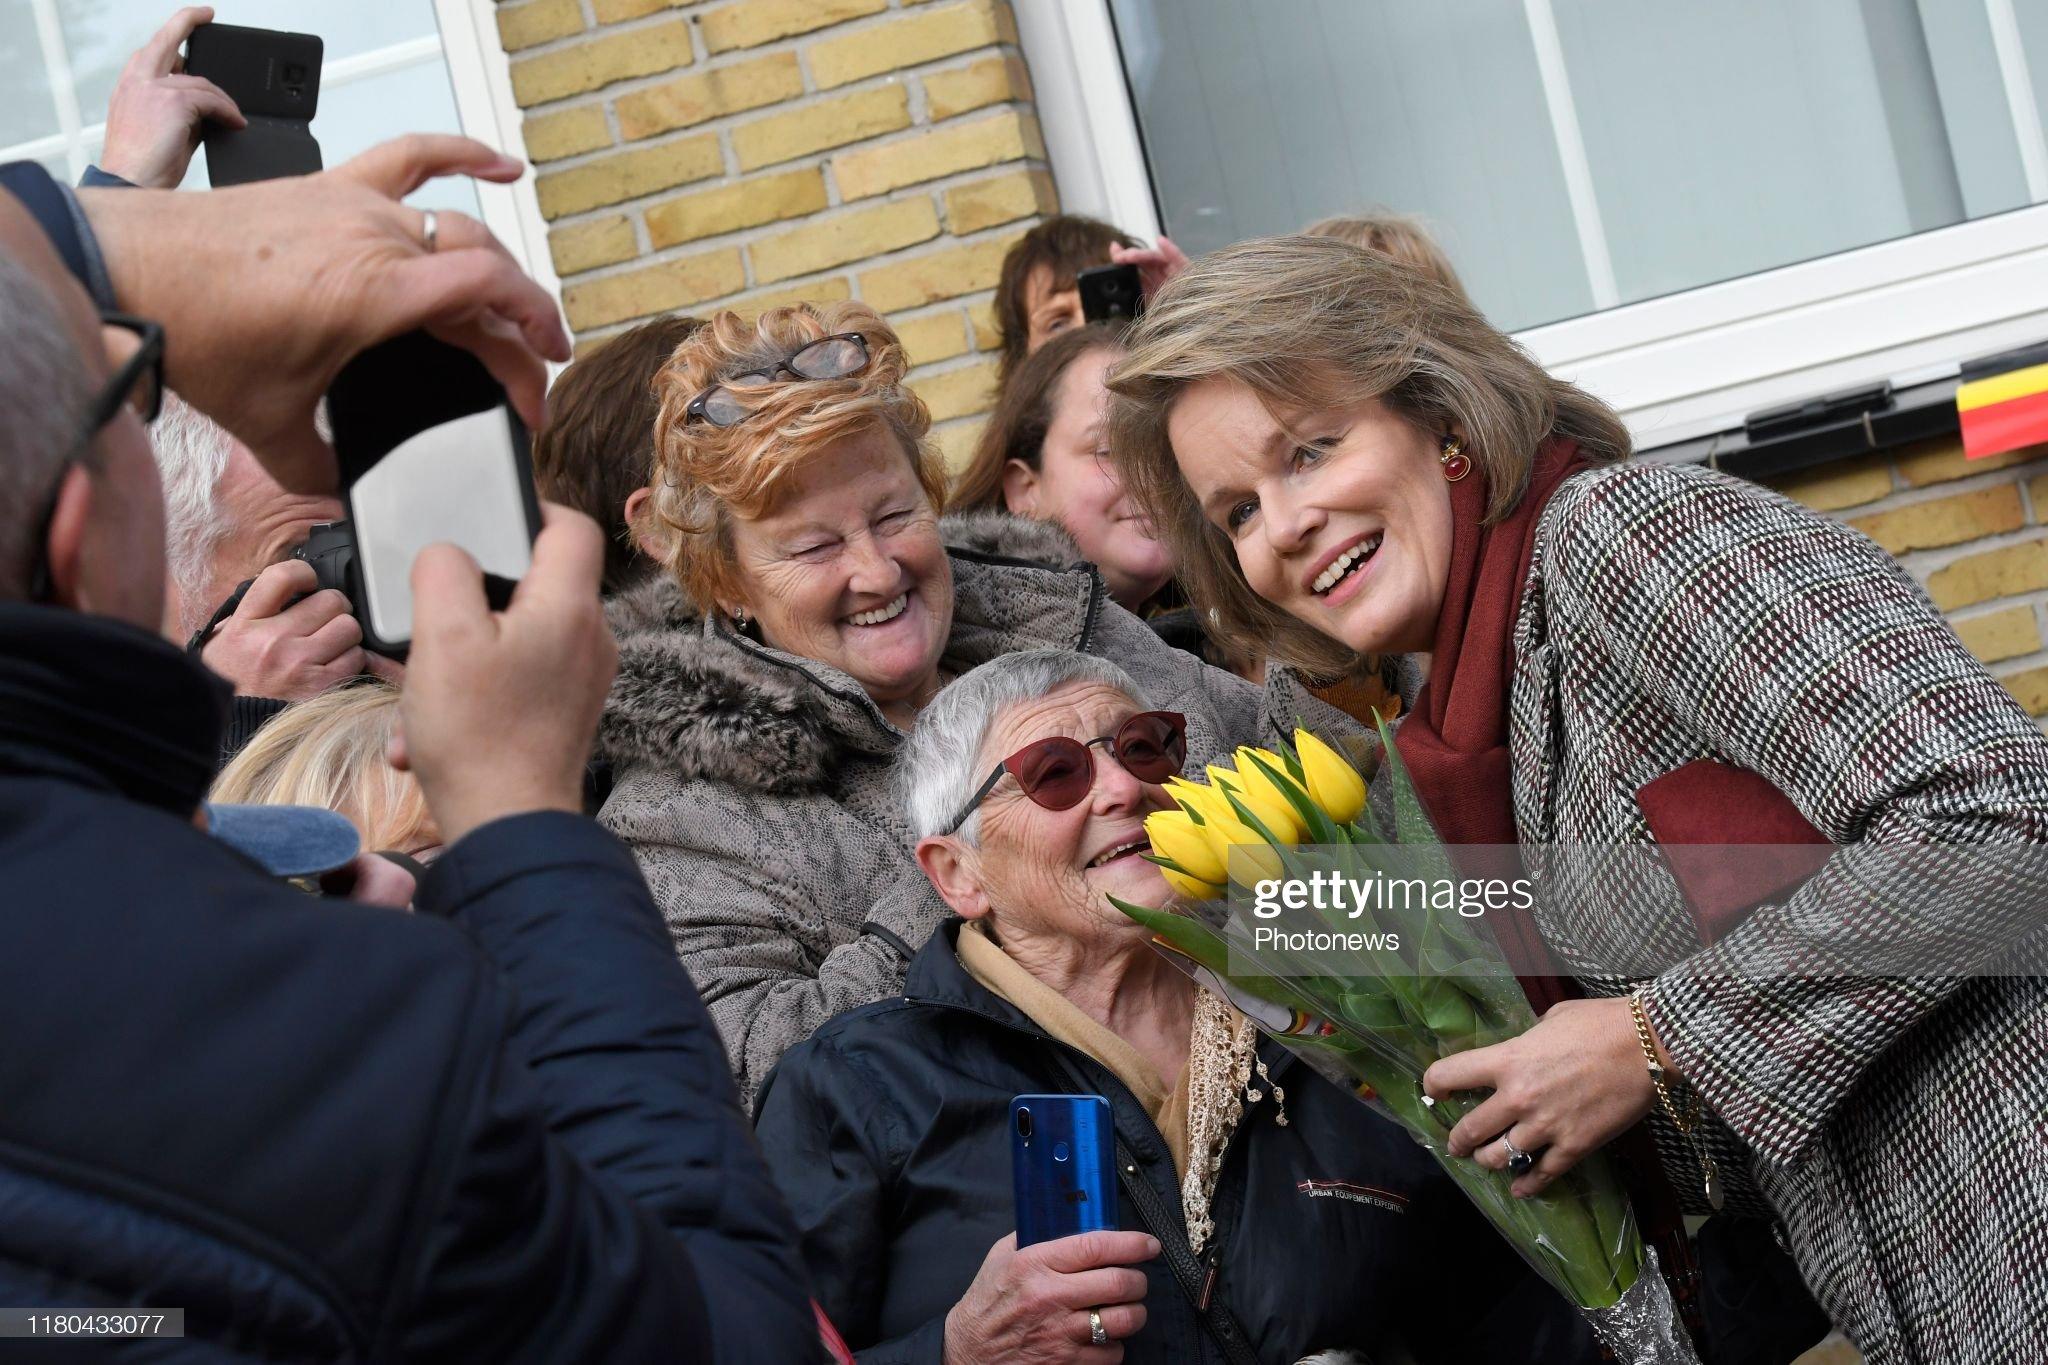 pittem-belgium-november-6-2019-ontmoeting-met-de-bevolking-rencontre-picture-id1180433077